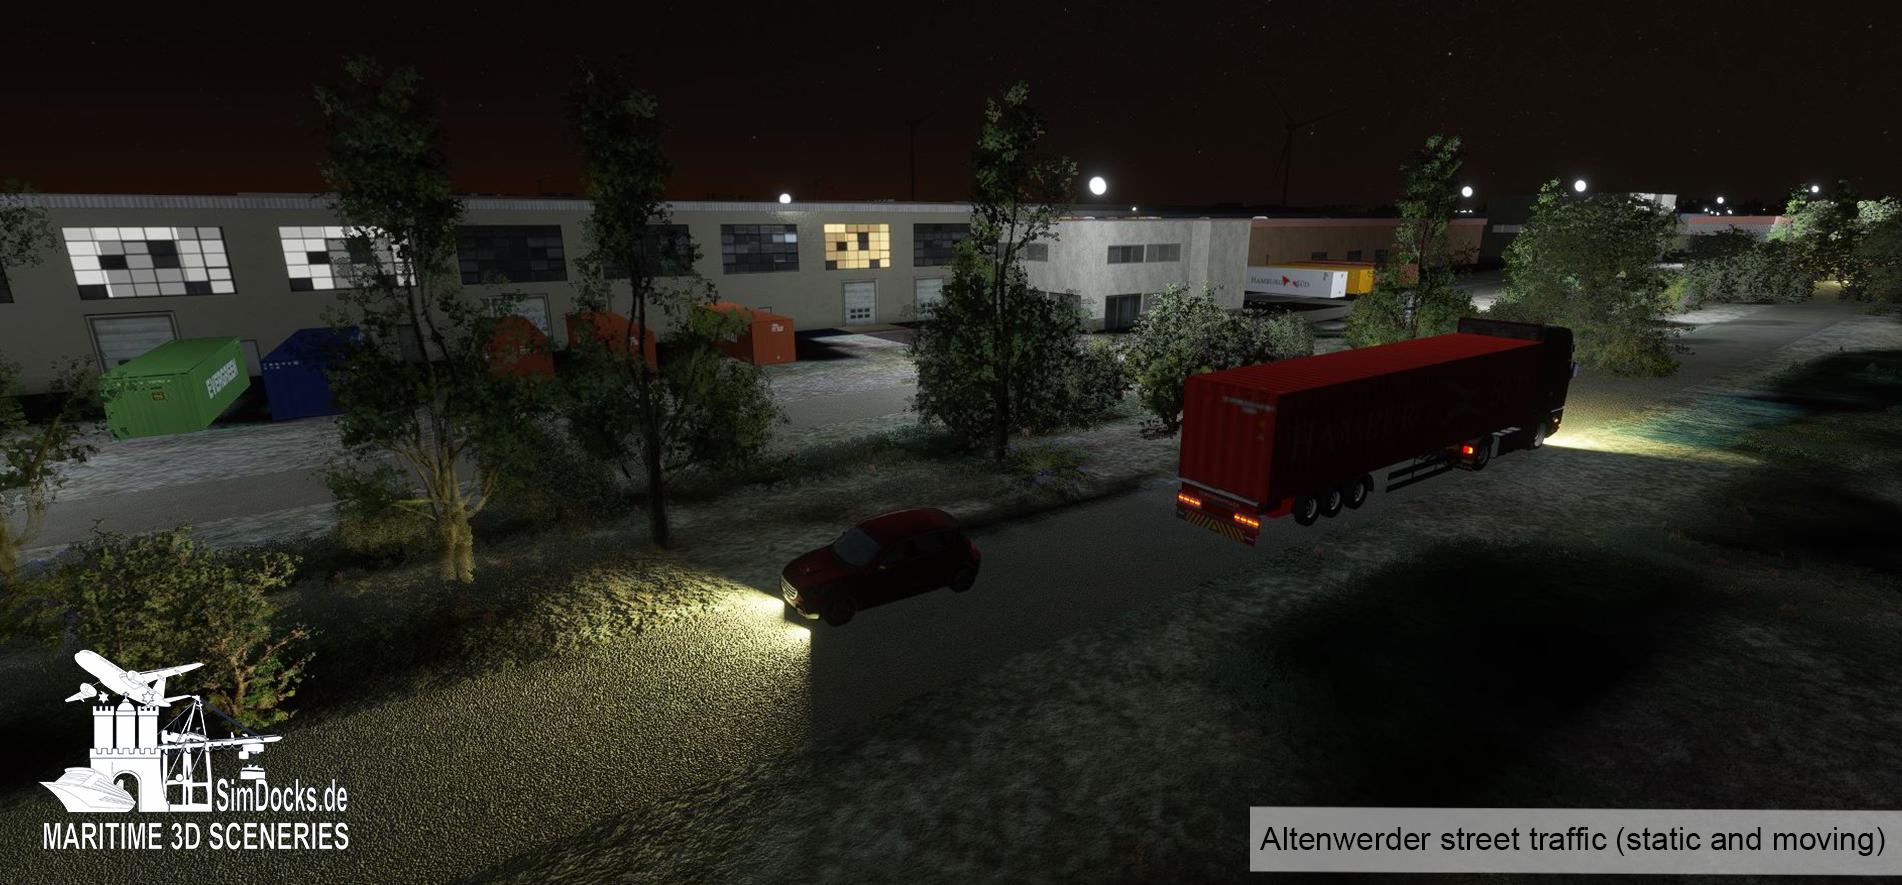 Bild35_Terminal_Altenwerder_Strassenverkehr_Nacht.JPG